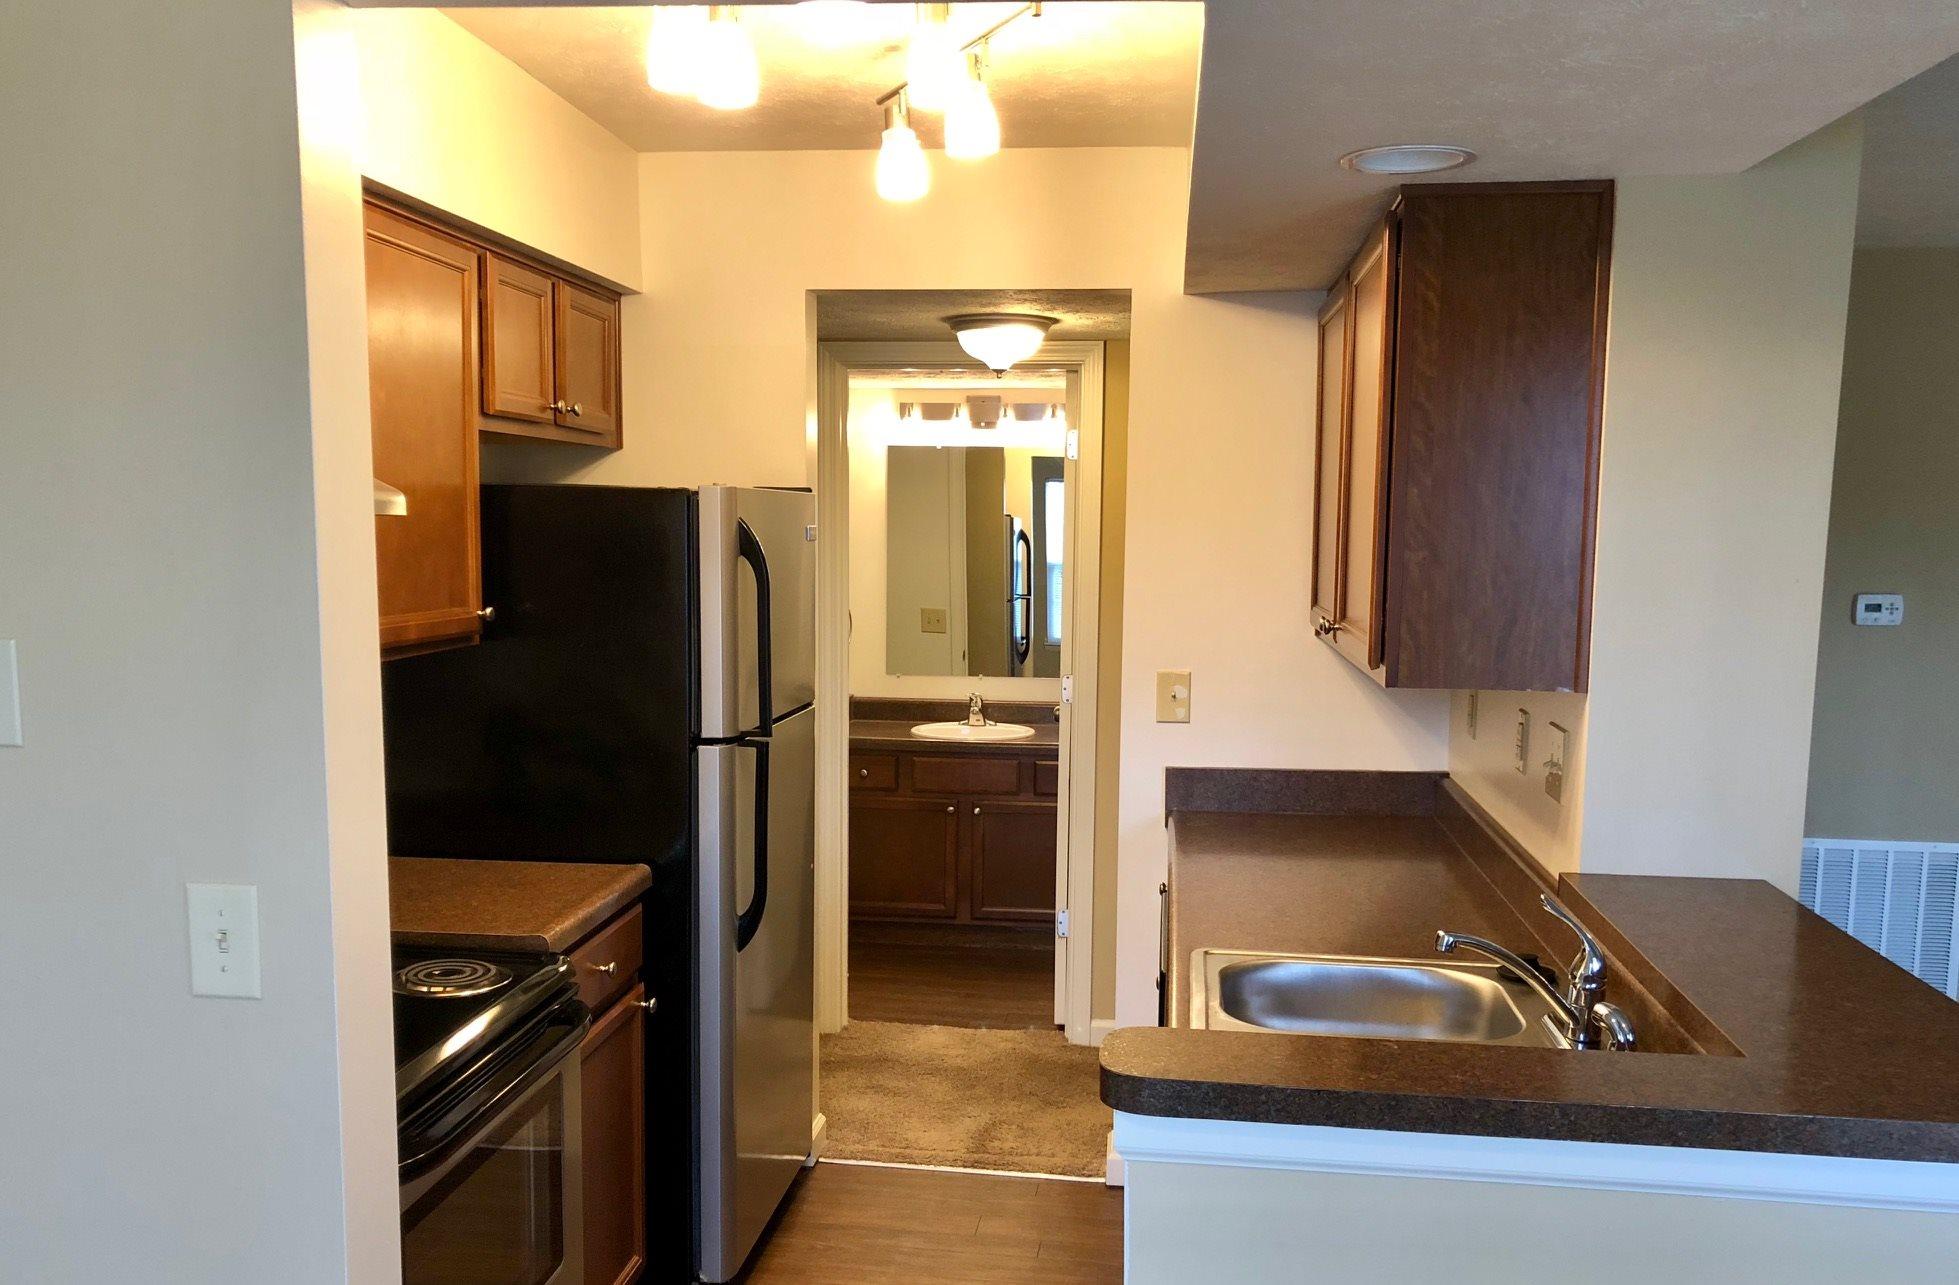 Steeplechase Apartments Centerville Ohio